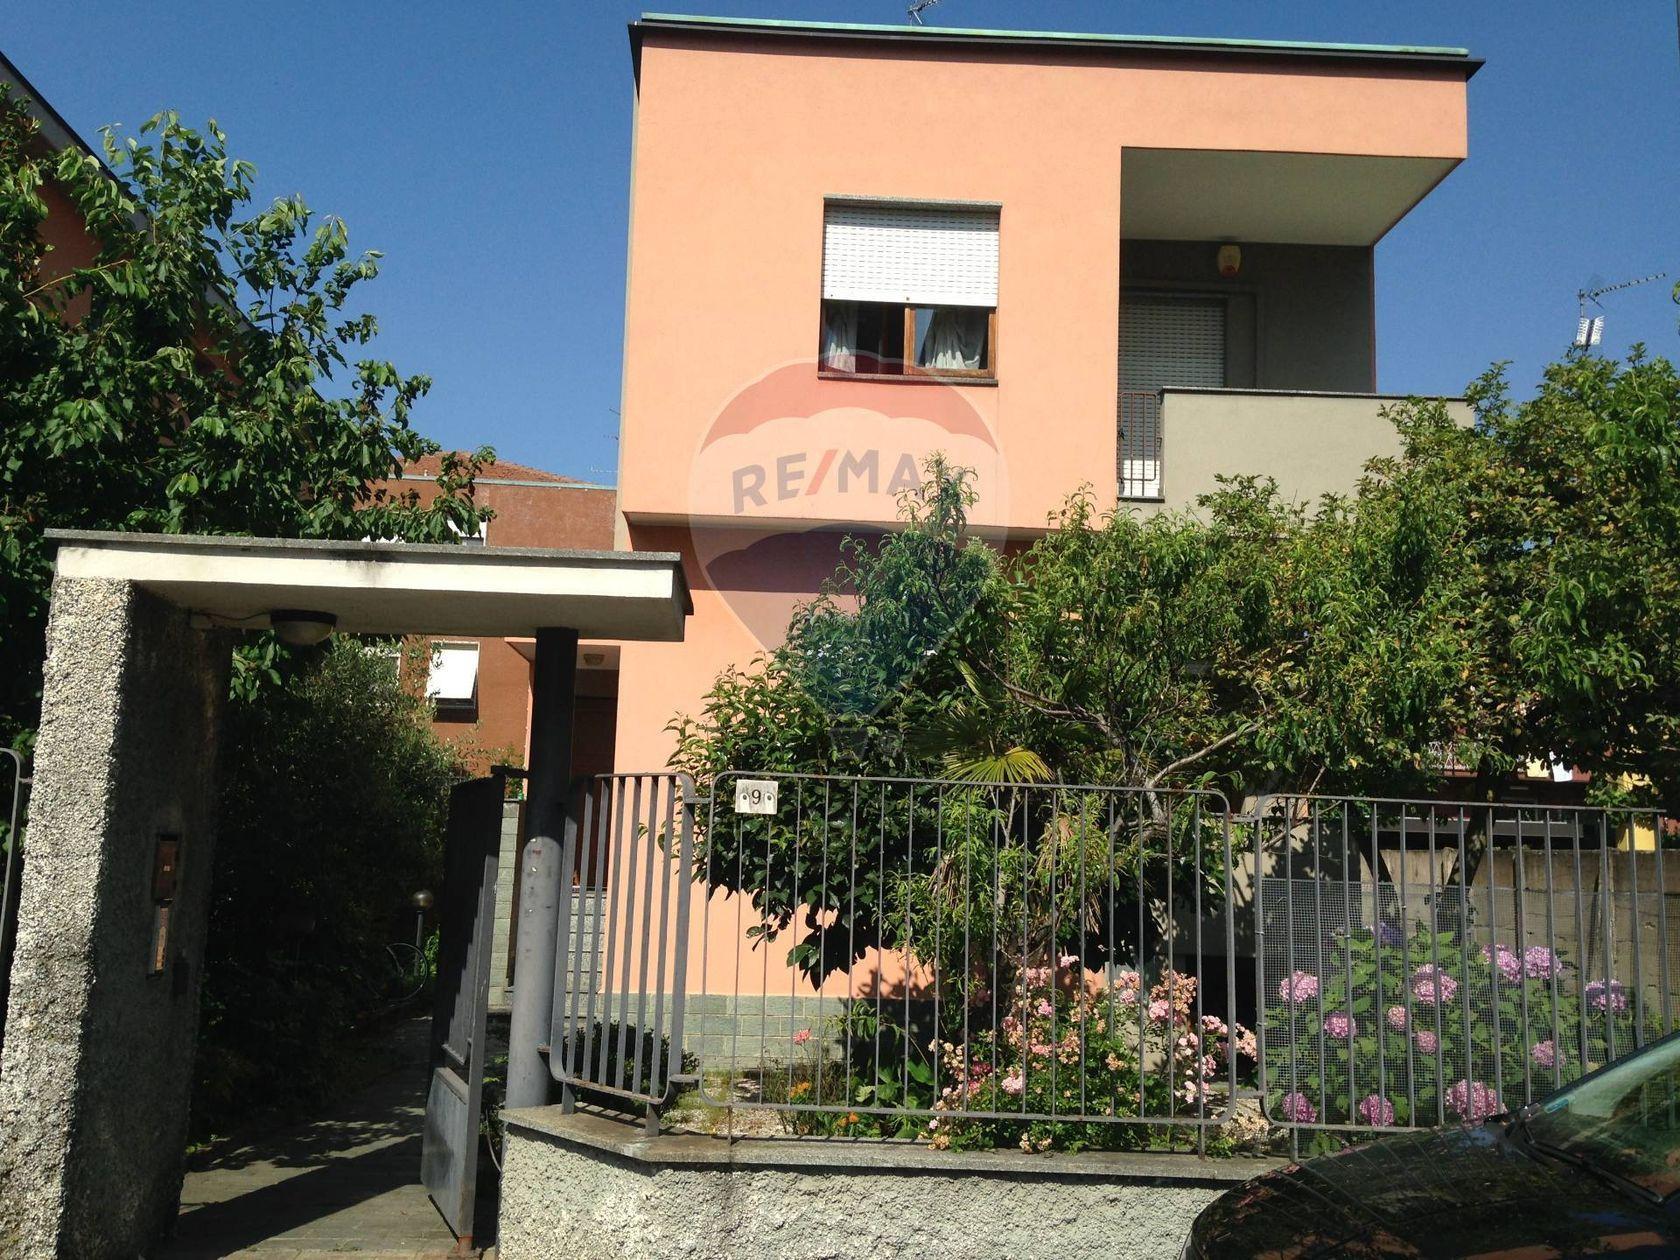 Villa singola Zona San Paolo, Rho, MI Vendita